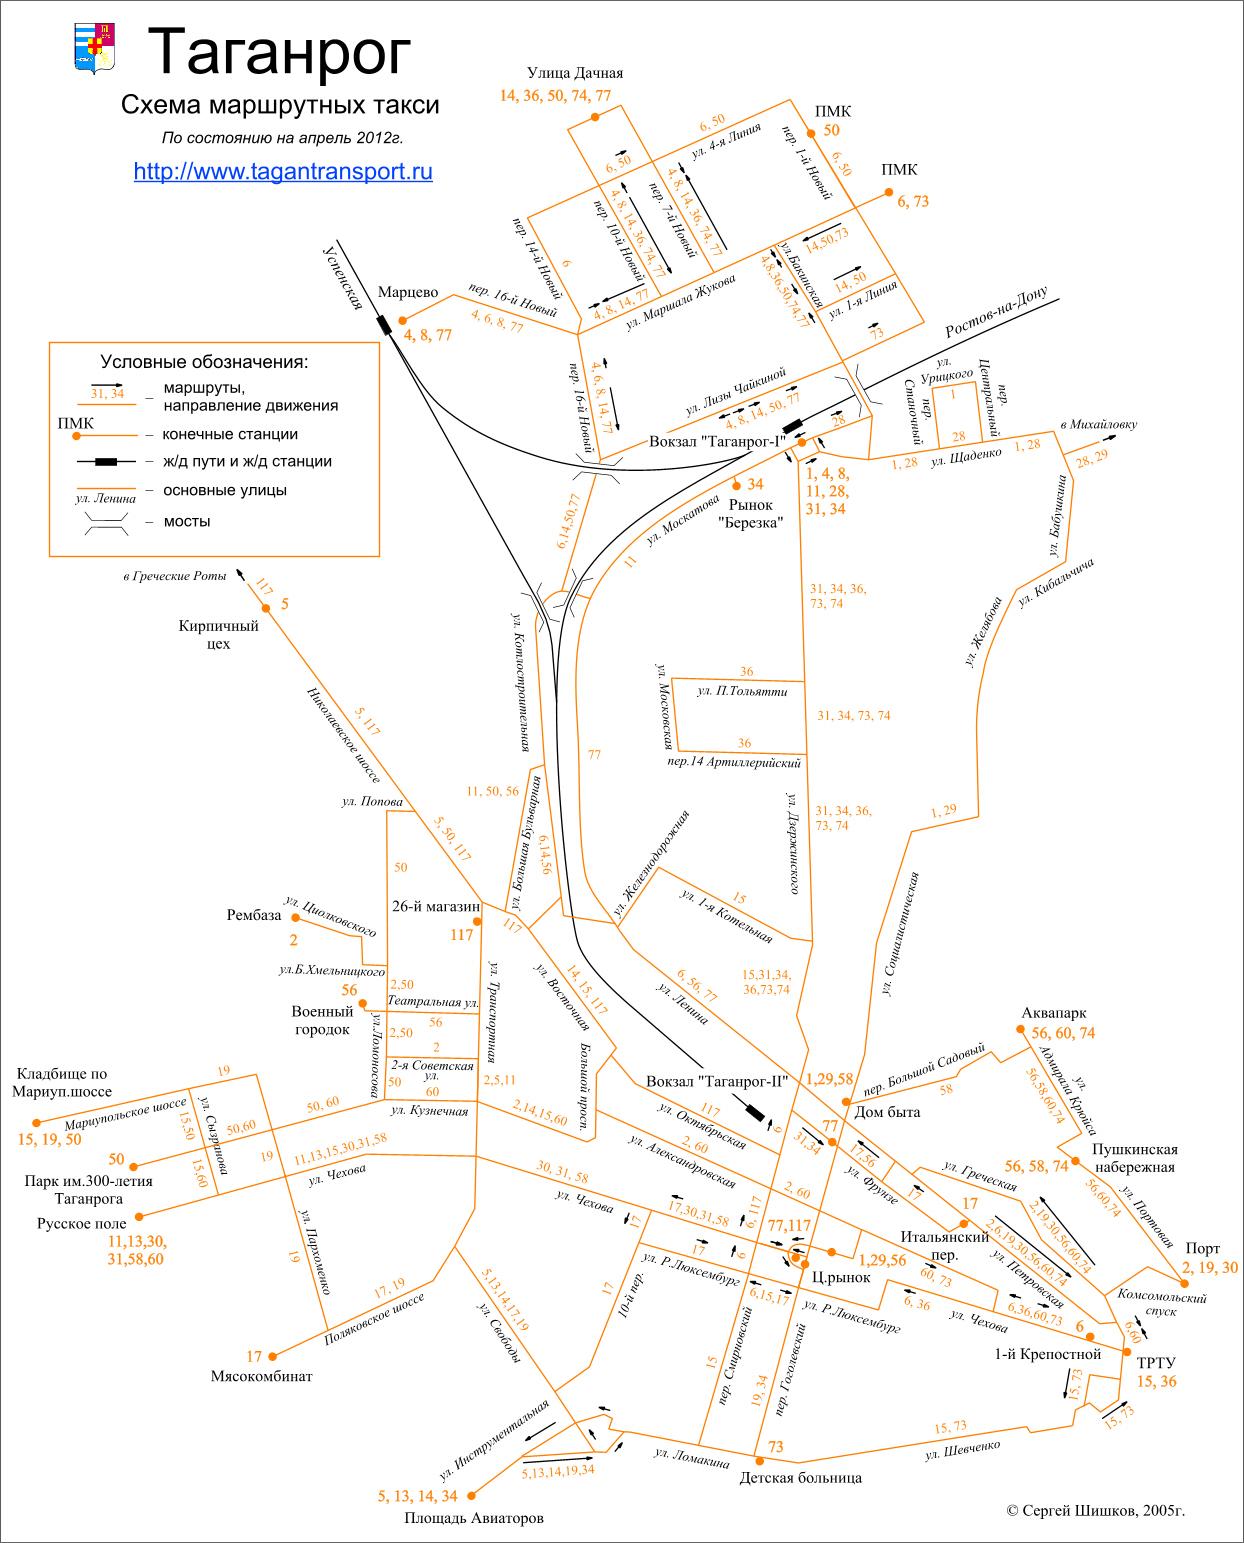 Таганрог. Схема маршрутных такси Таганрога по состоянию на апрель 2012 года